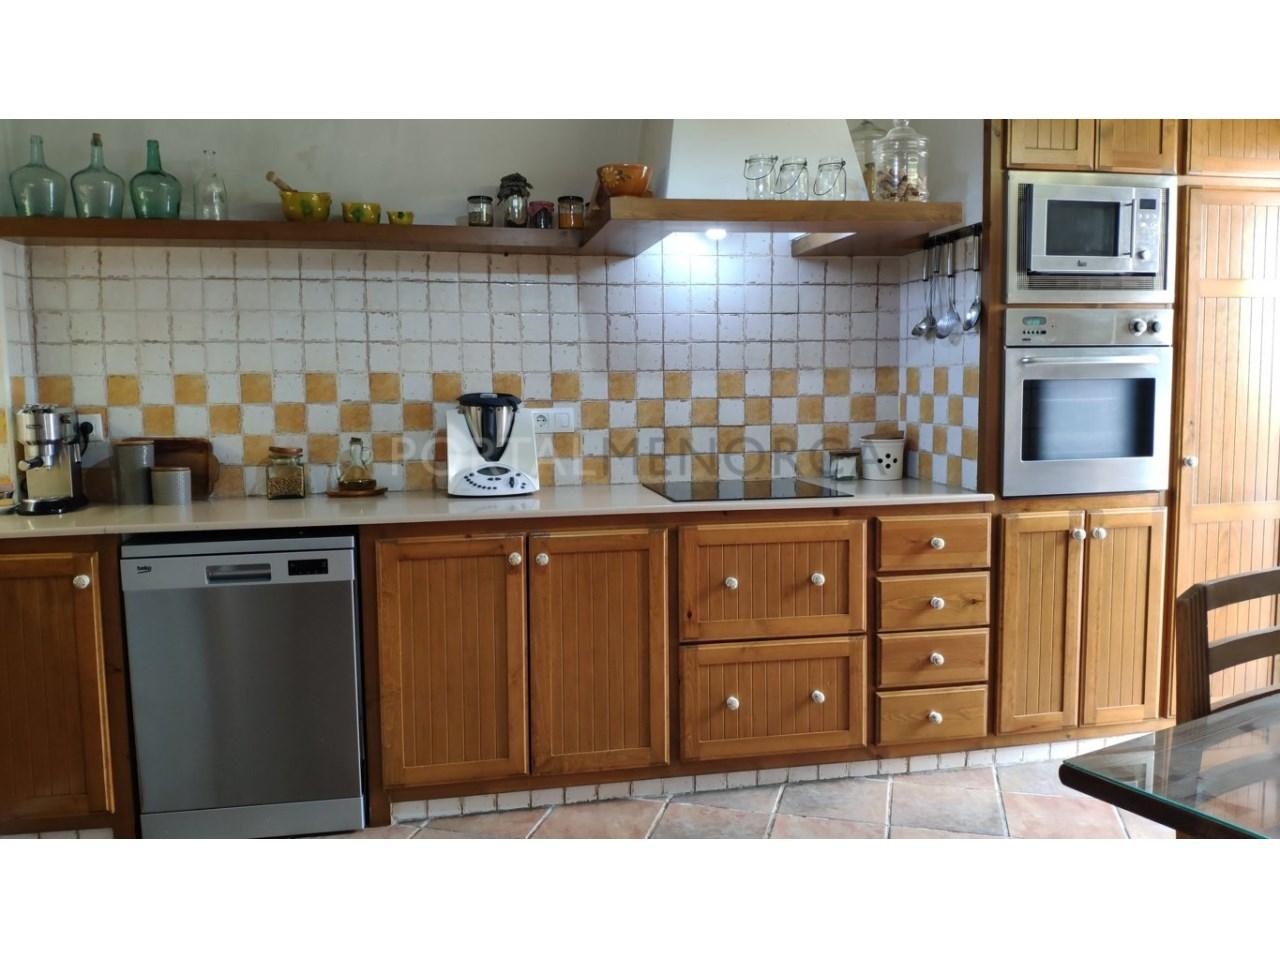 Casa con patio en venta en el casco histórico de Ciutadella - cocina